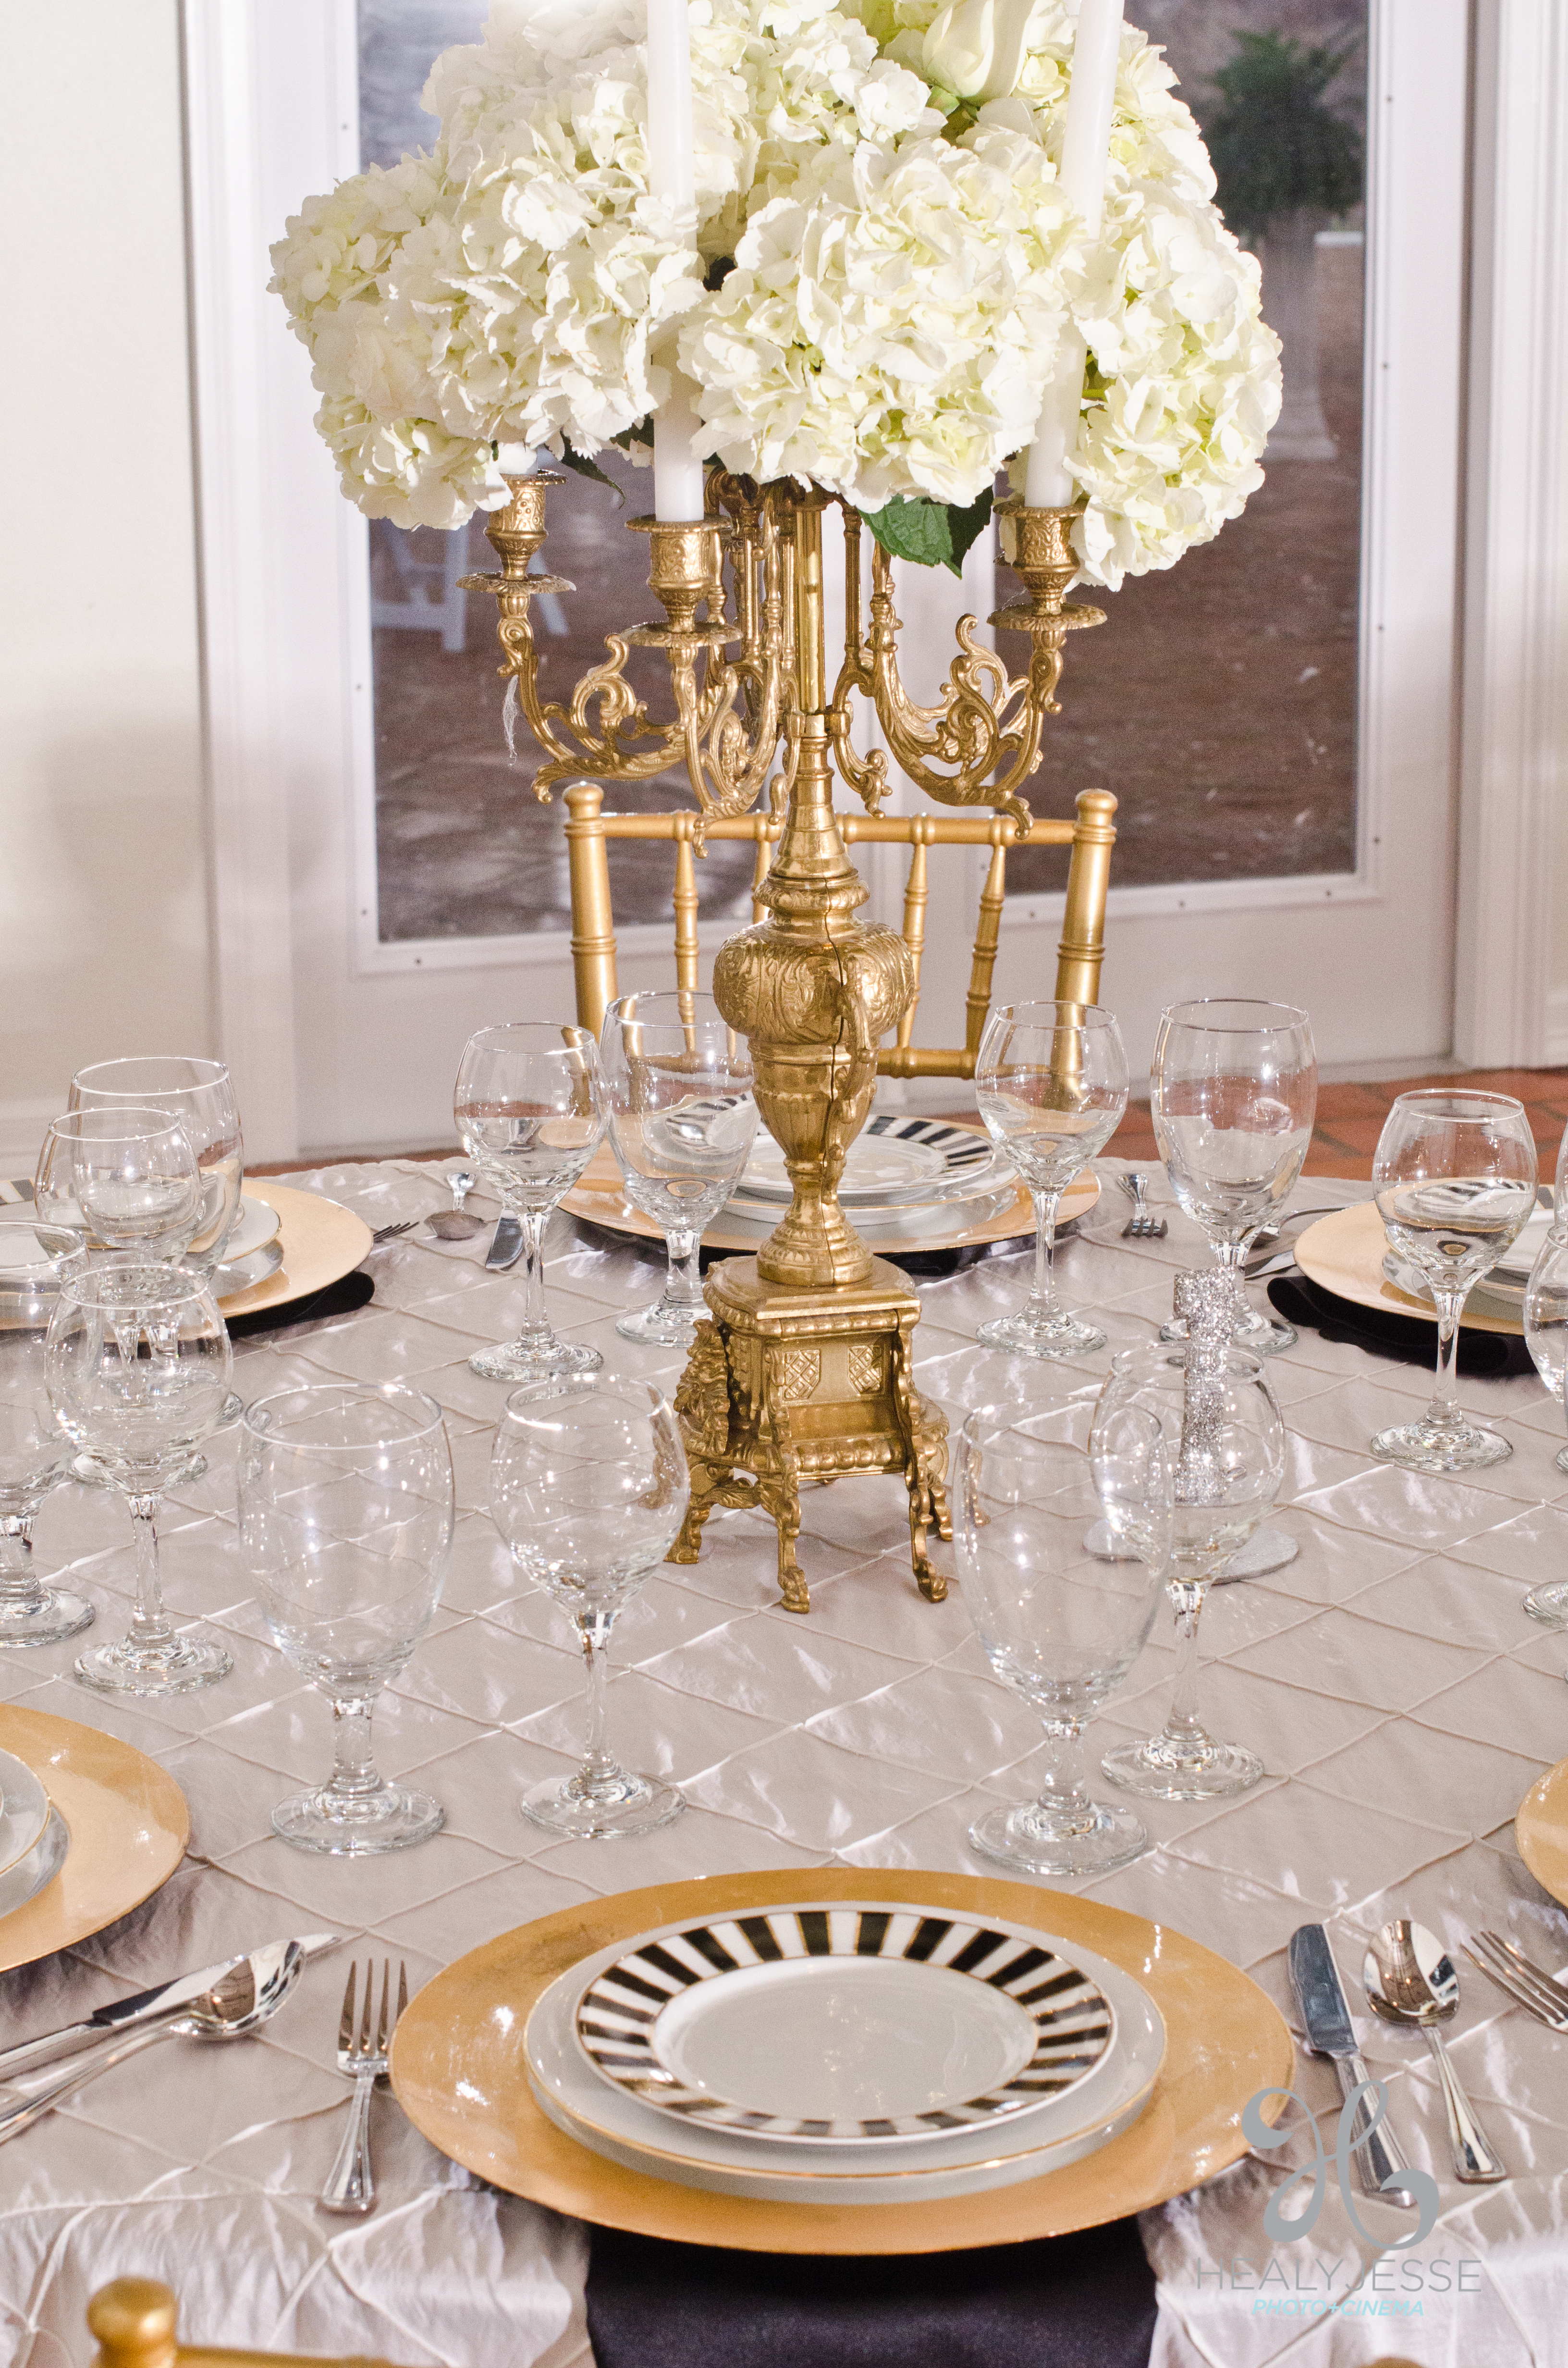 hydrangea centerpiece gold cendelabra